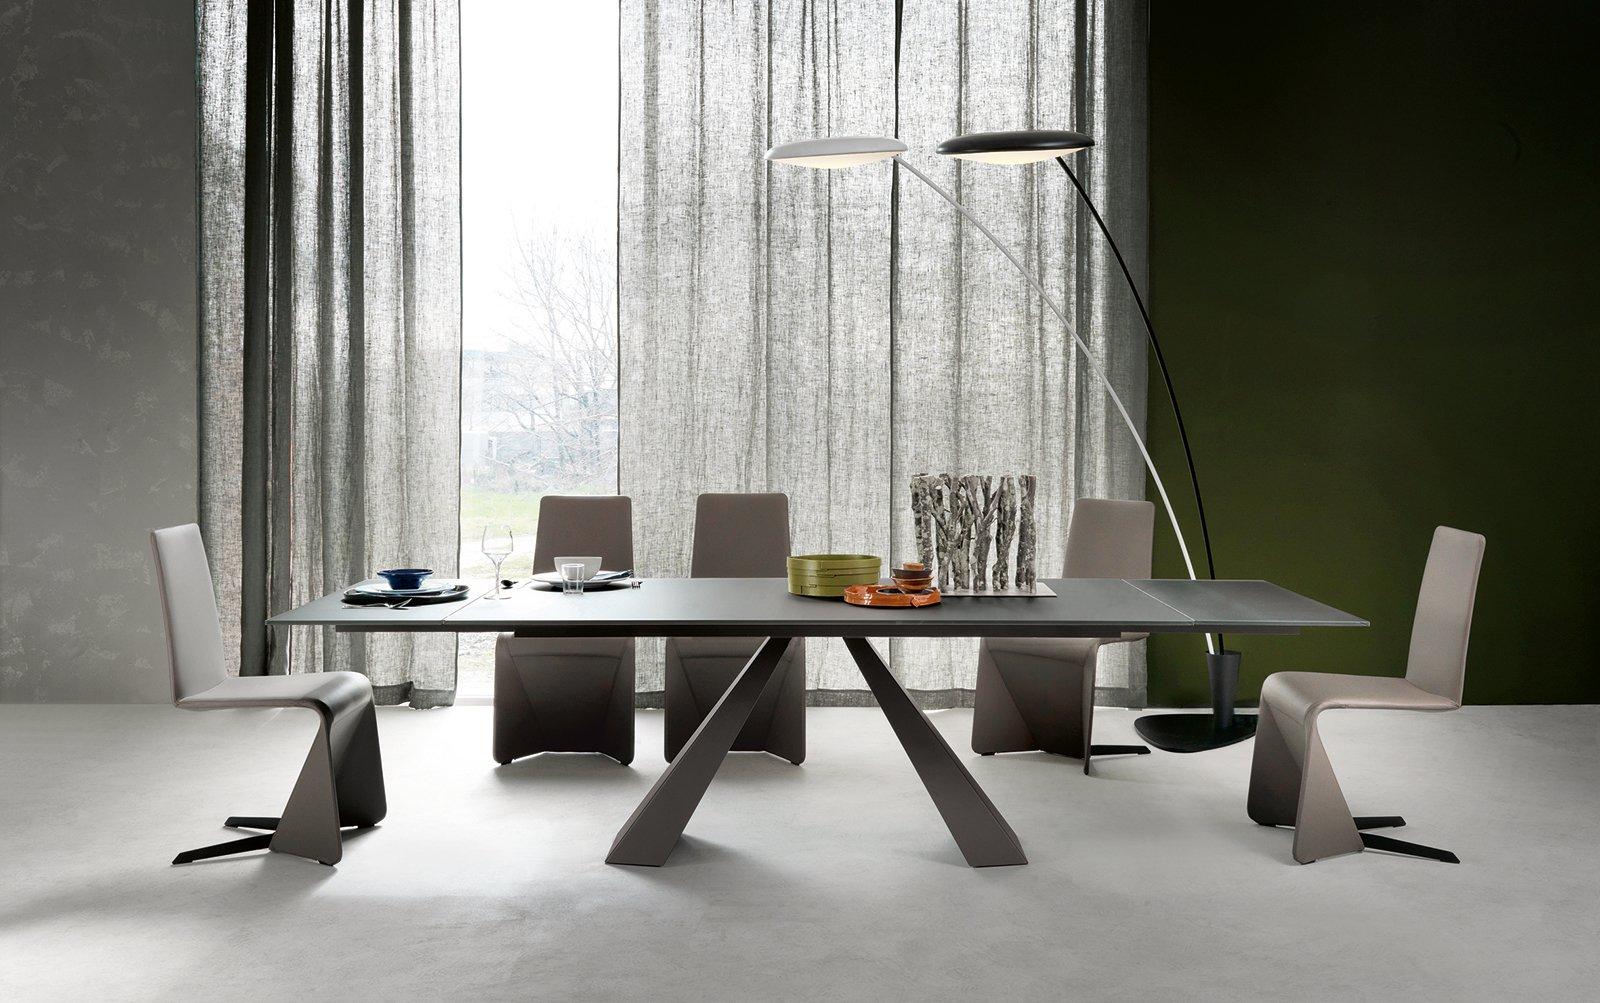 Tavoli con sostegno centrale cose di casa for Piano tavolo vetro